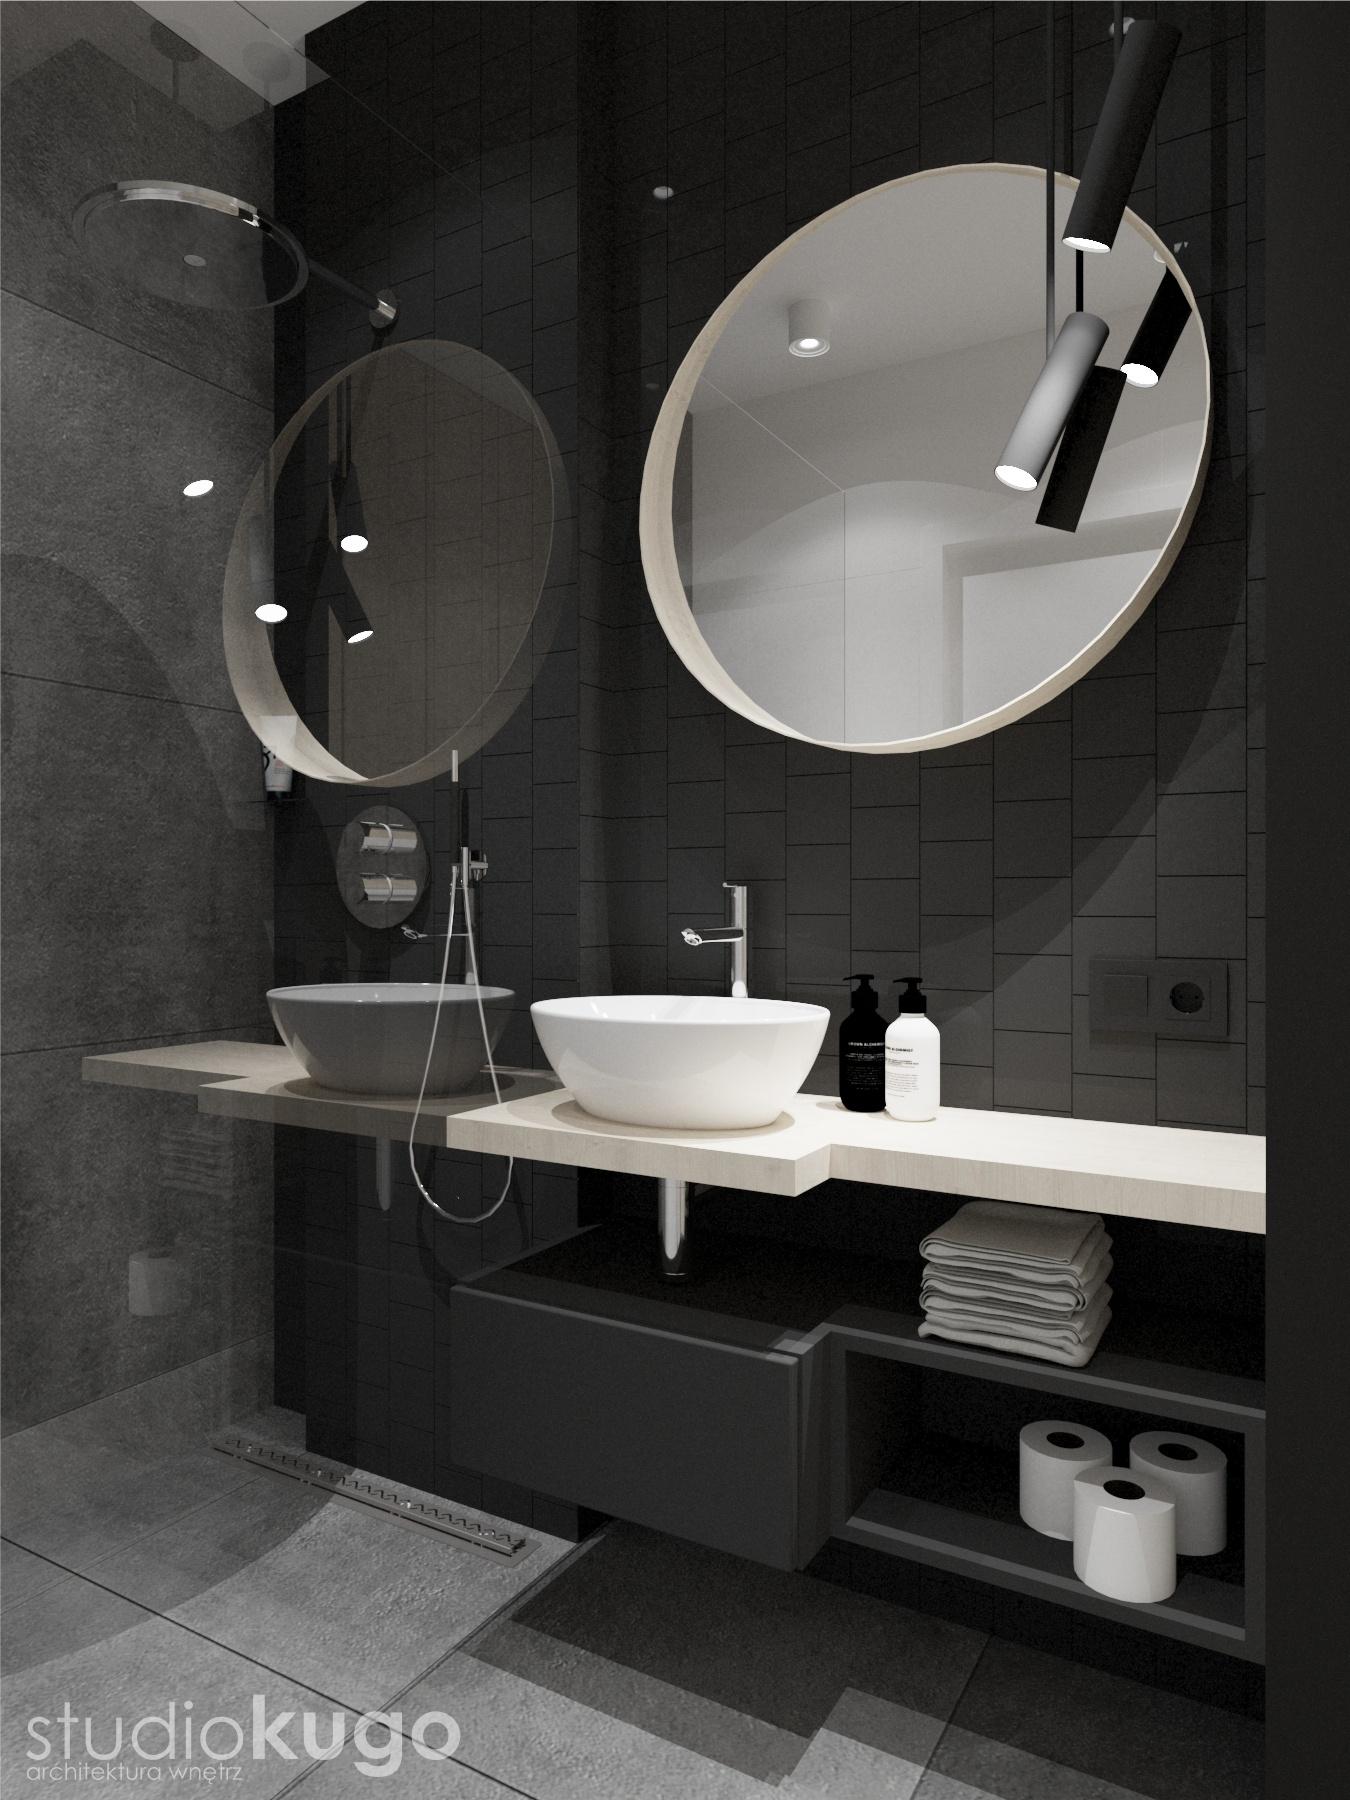 019_A_ (8)_łazienka